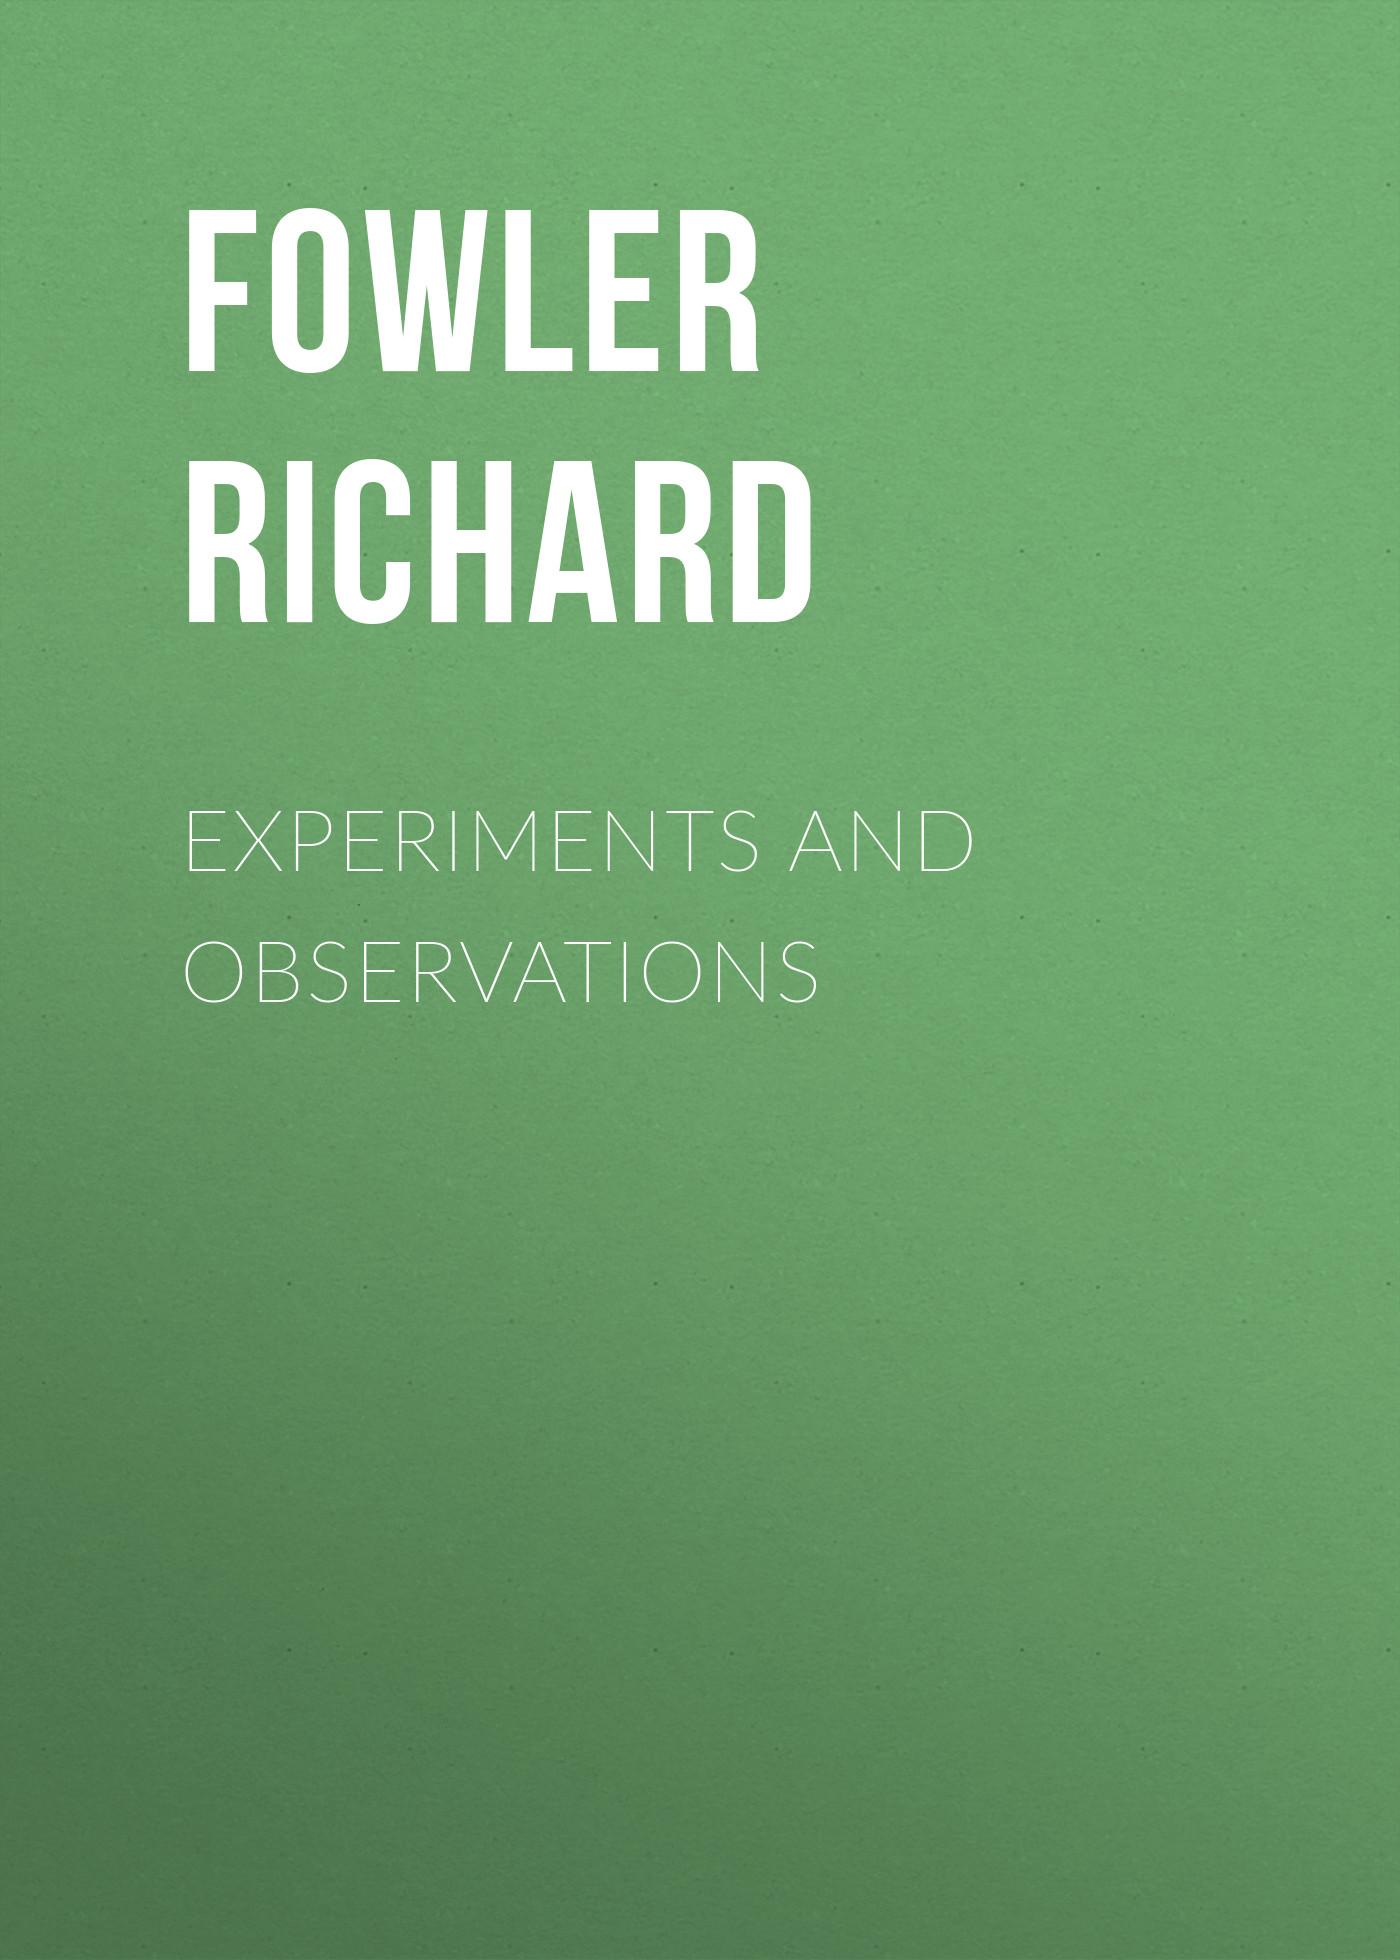 цена на Fowler Richard Experiments and Observations